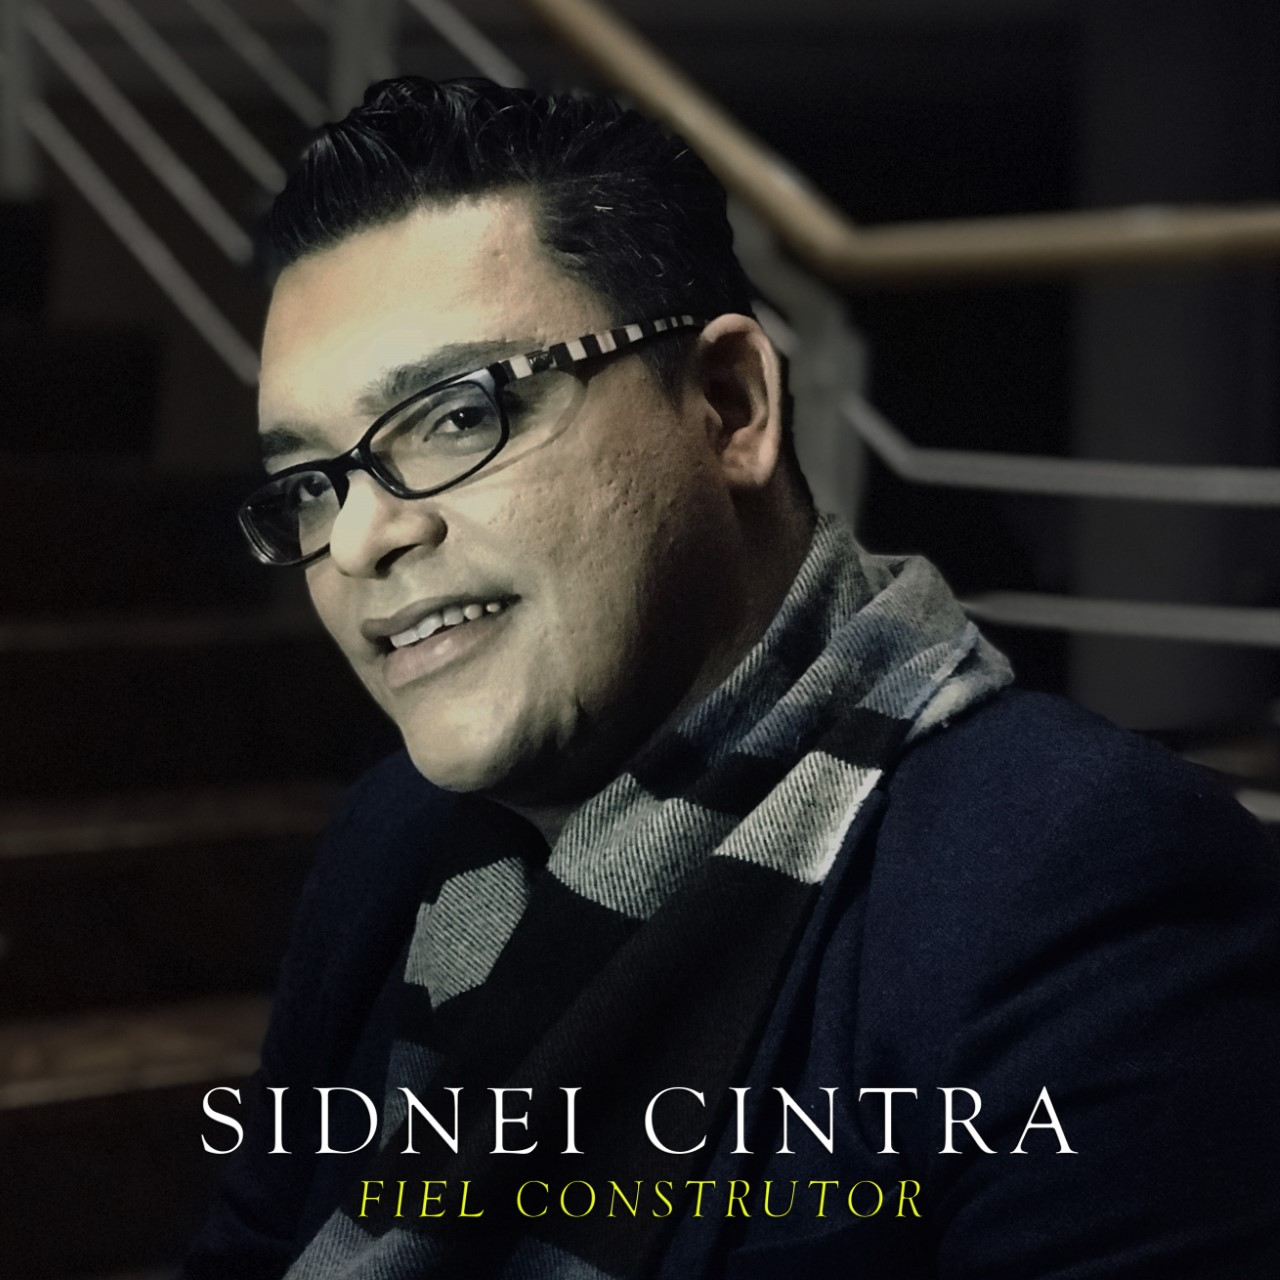 Sidnei Cintra, ex-cavaquinista de Almir Guineto e Turma do Pagode, pastoreia igreja na Europa e lança seu primeiro single após 18 de conversão